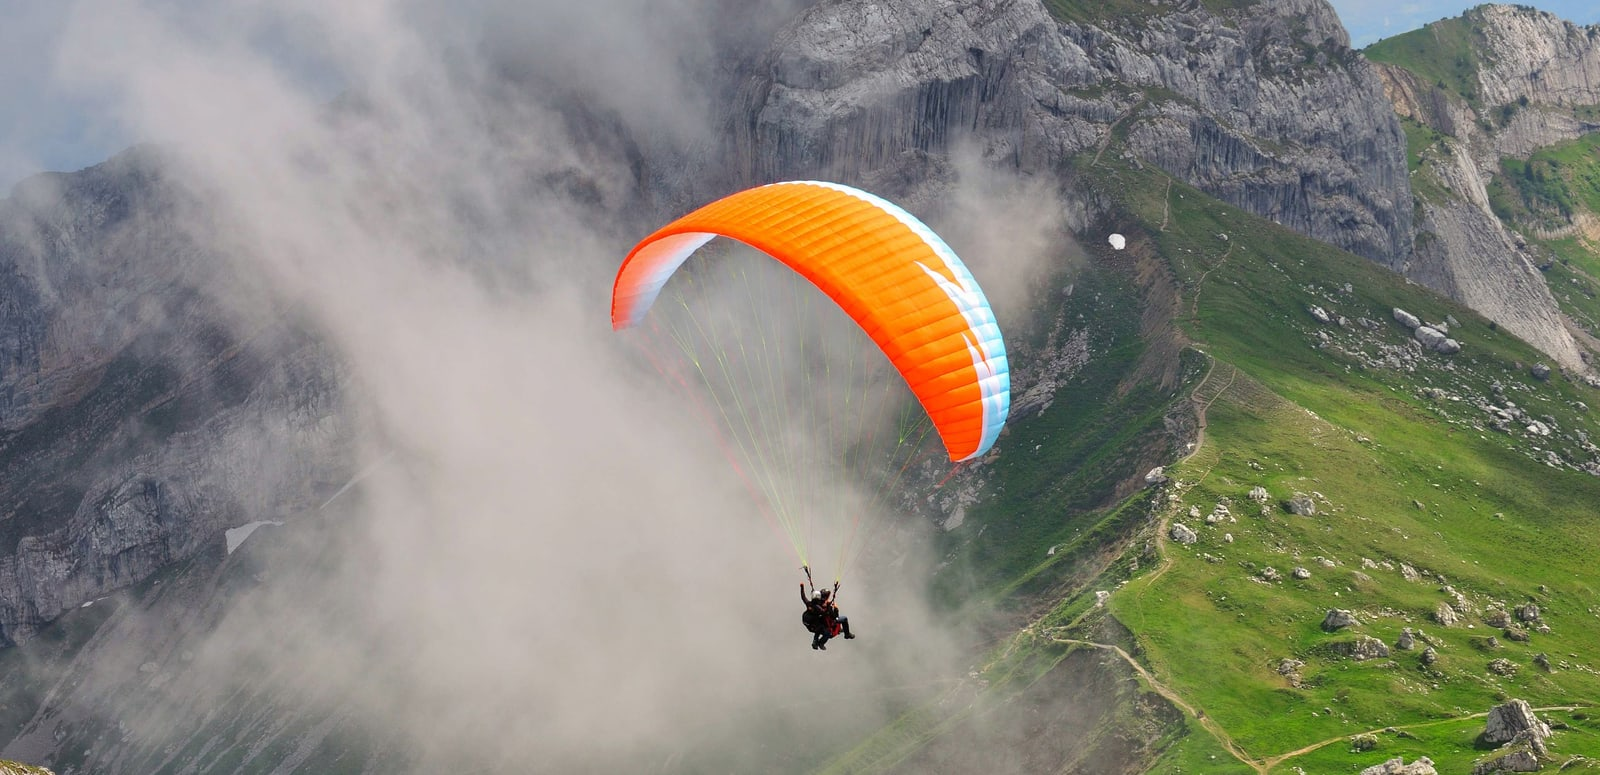 1571484588_paragliding-in-india_1438933021_5fijfm.jpg